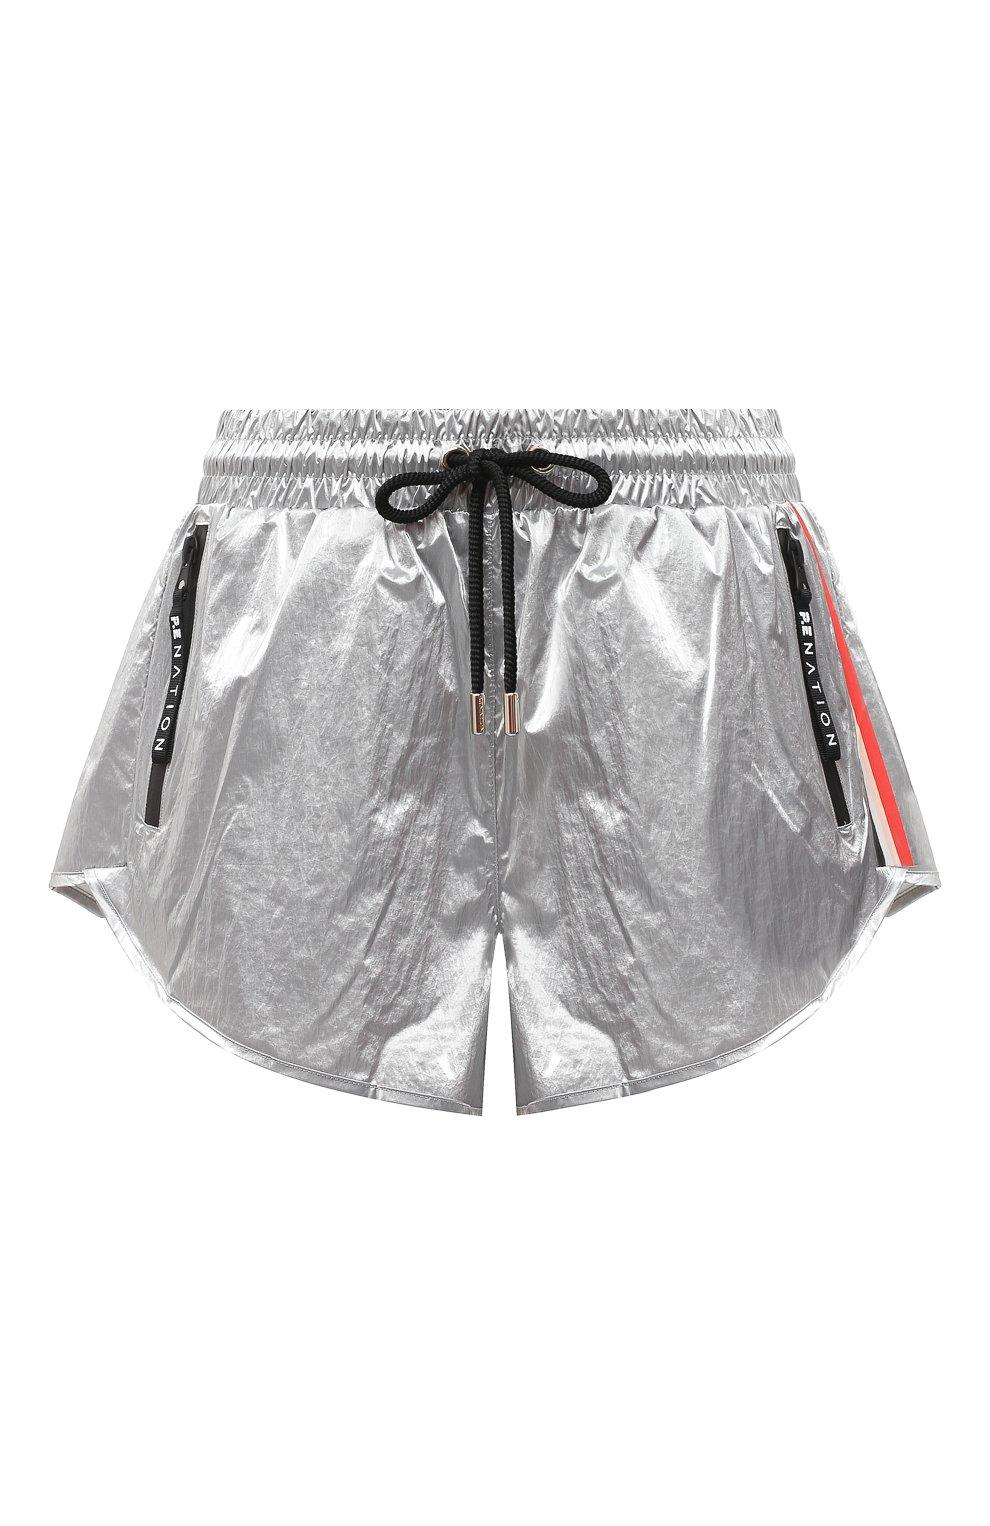 Женские шорты P.E. NATION серебряного цвета, арт. 20PE2S028   Фото 1 (Длина Ж (юбки, платья, шорты): Мини; Кросс-КТ: Спорт; Материал внешний: Синтетический материал; Материал подклада: Вискоза)